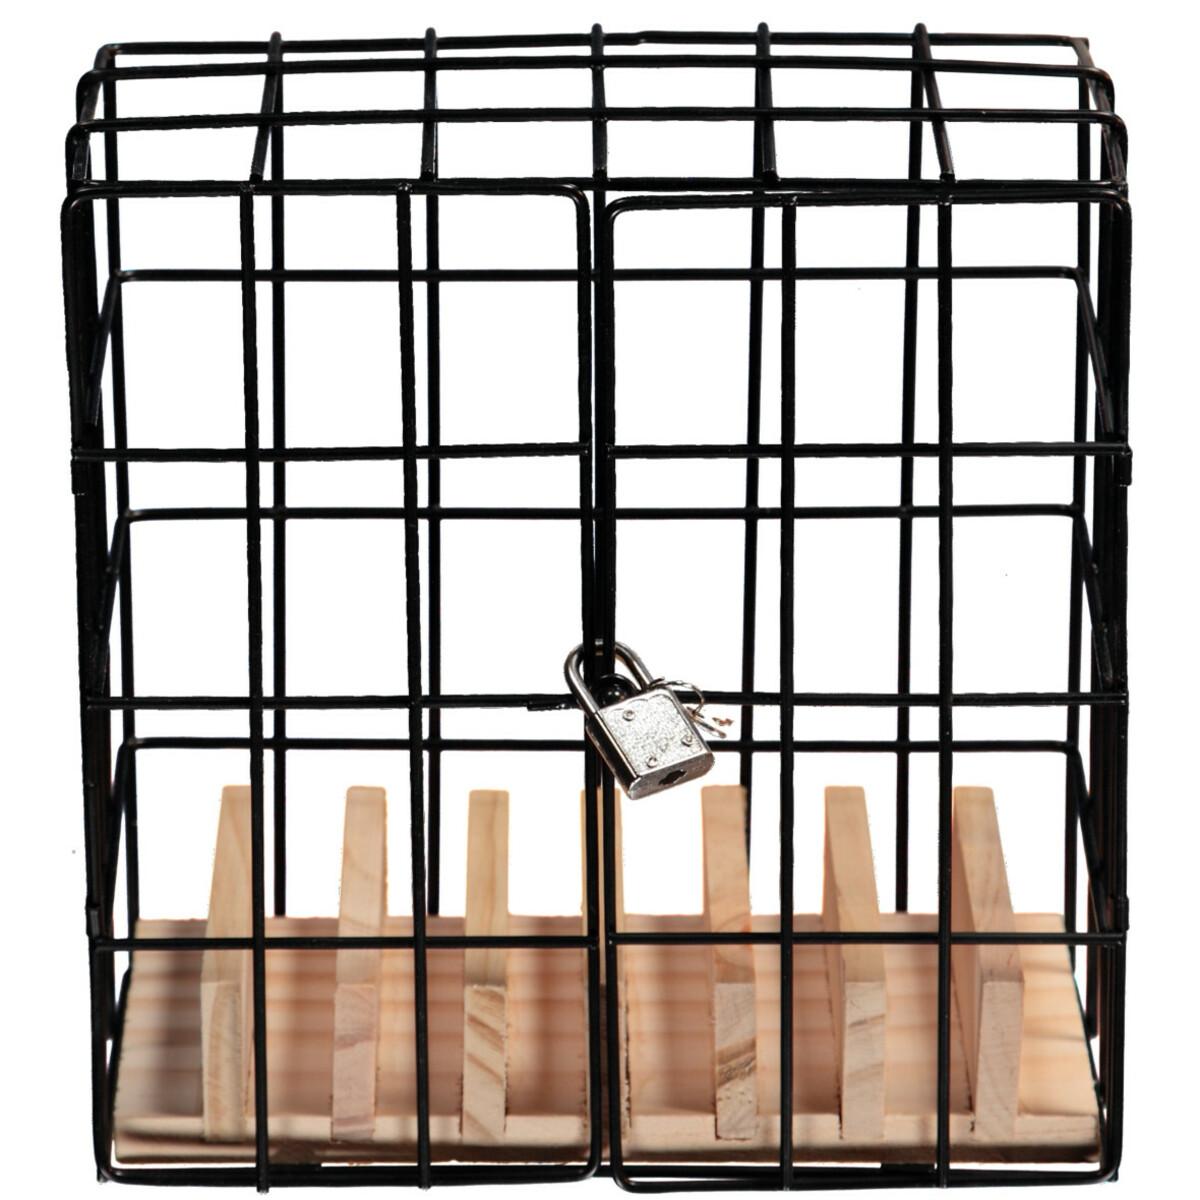 Bild 1 von Handy Gefängnis